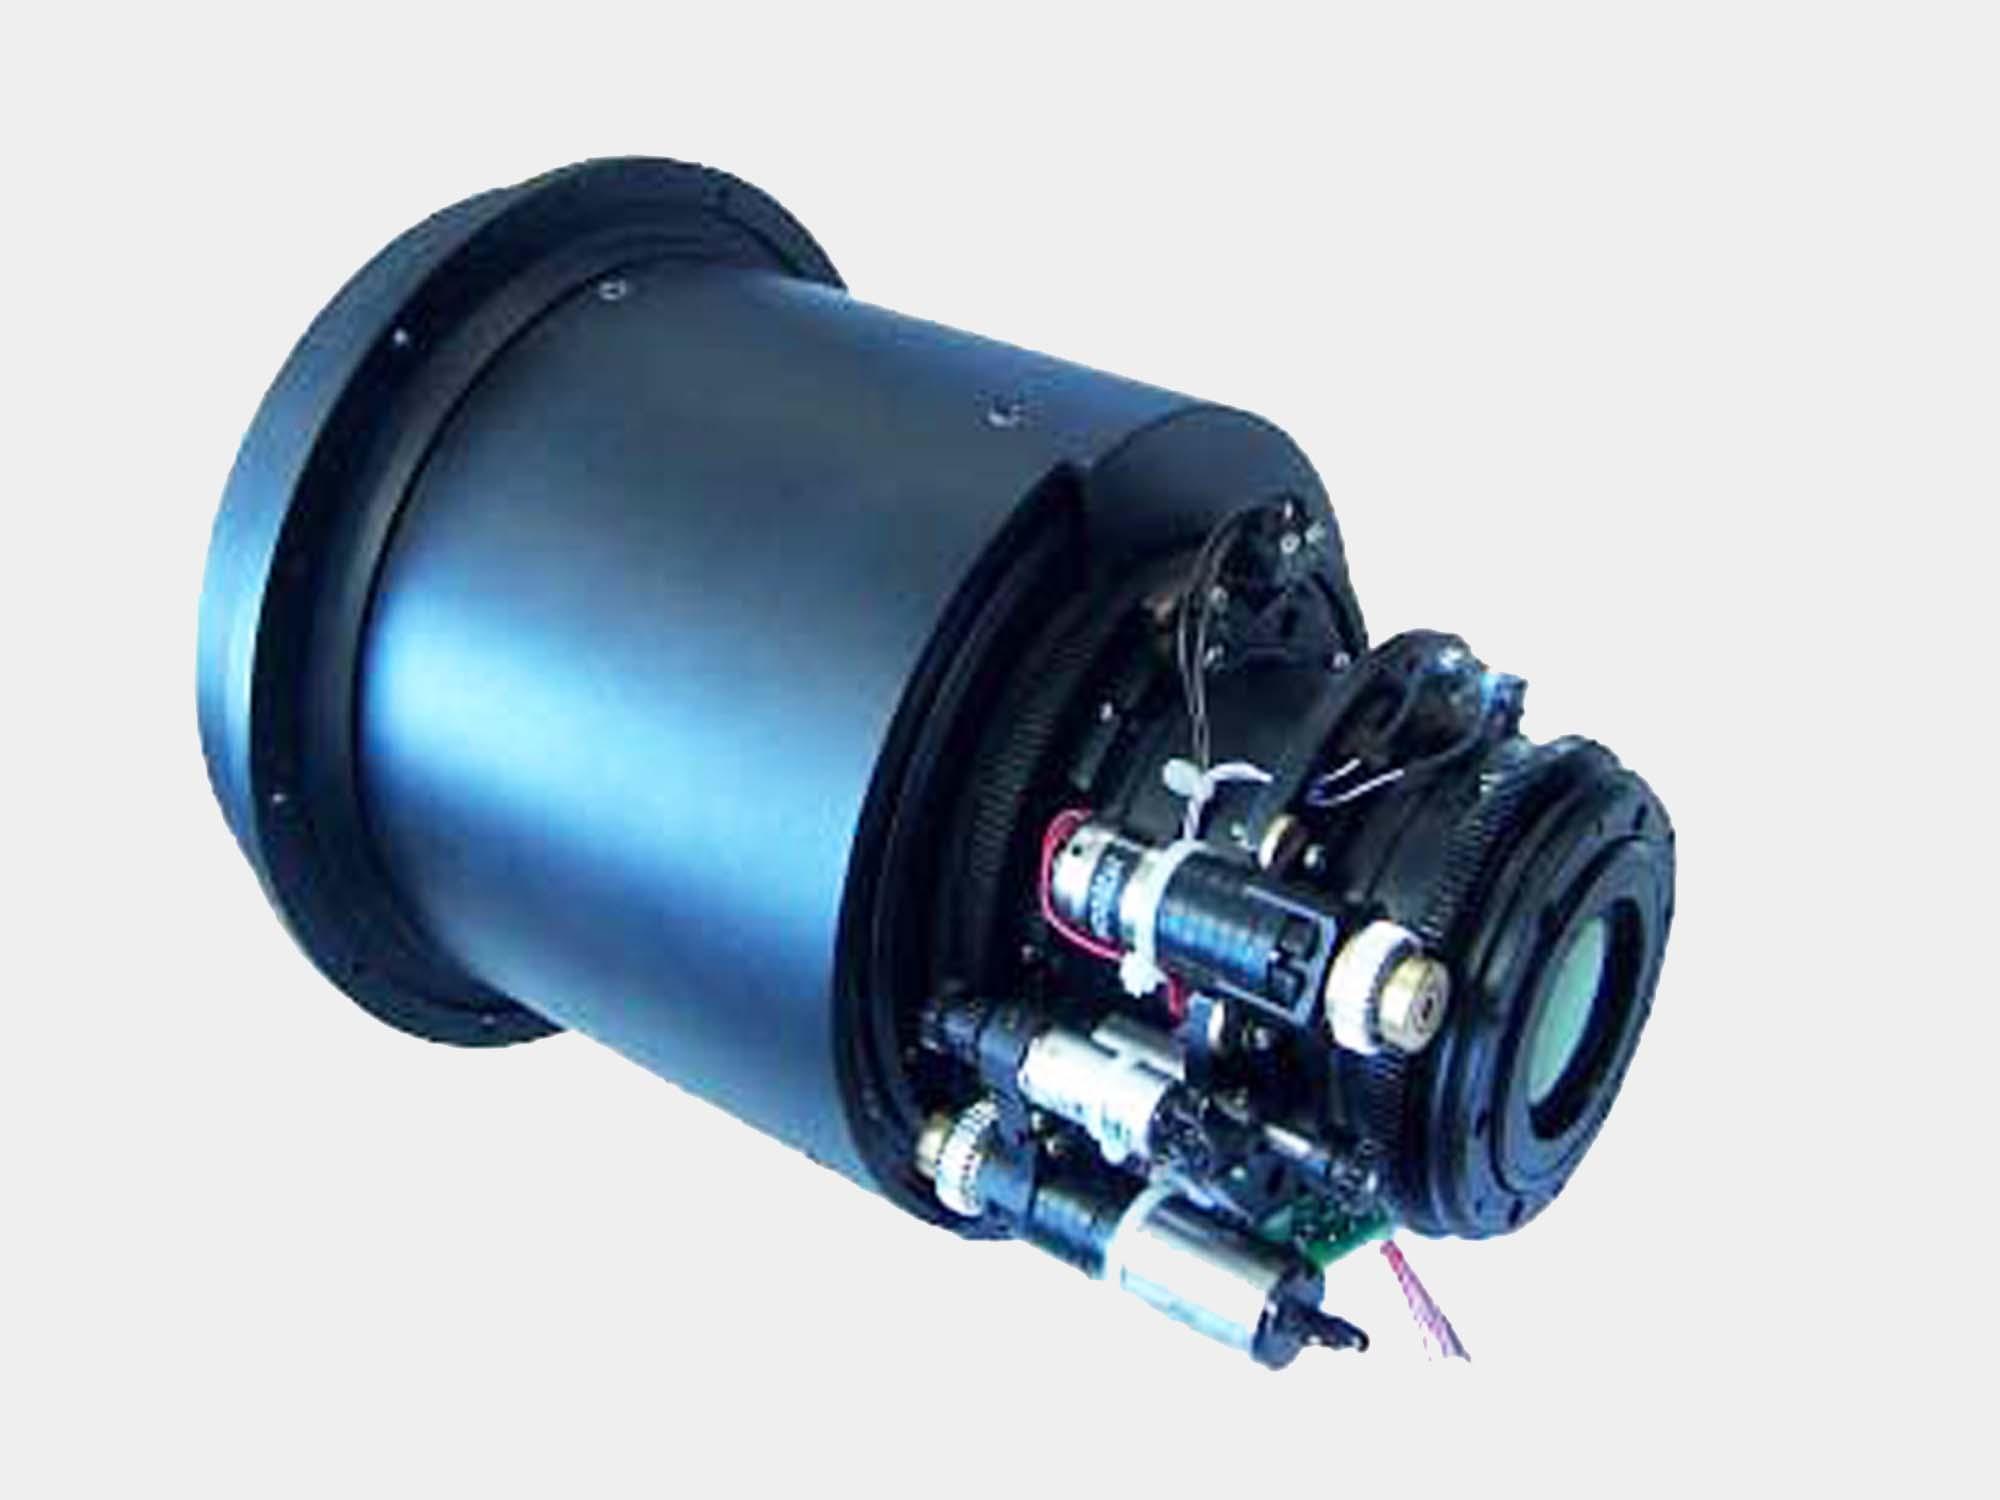 IR Zoom Lens